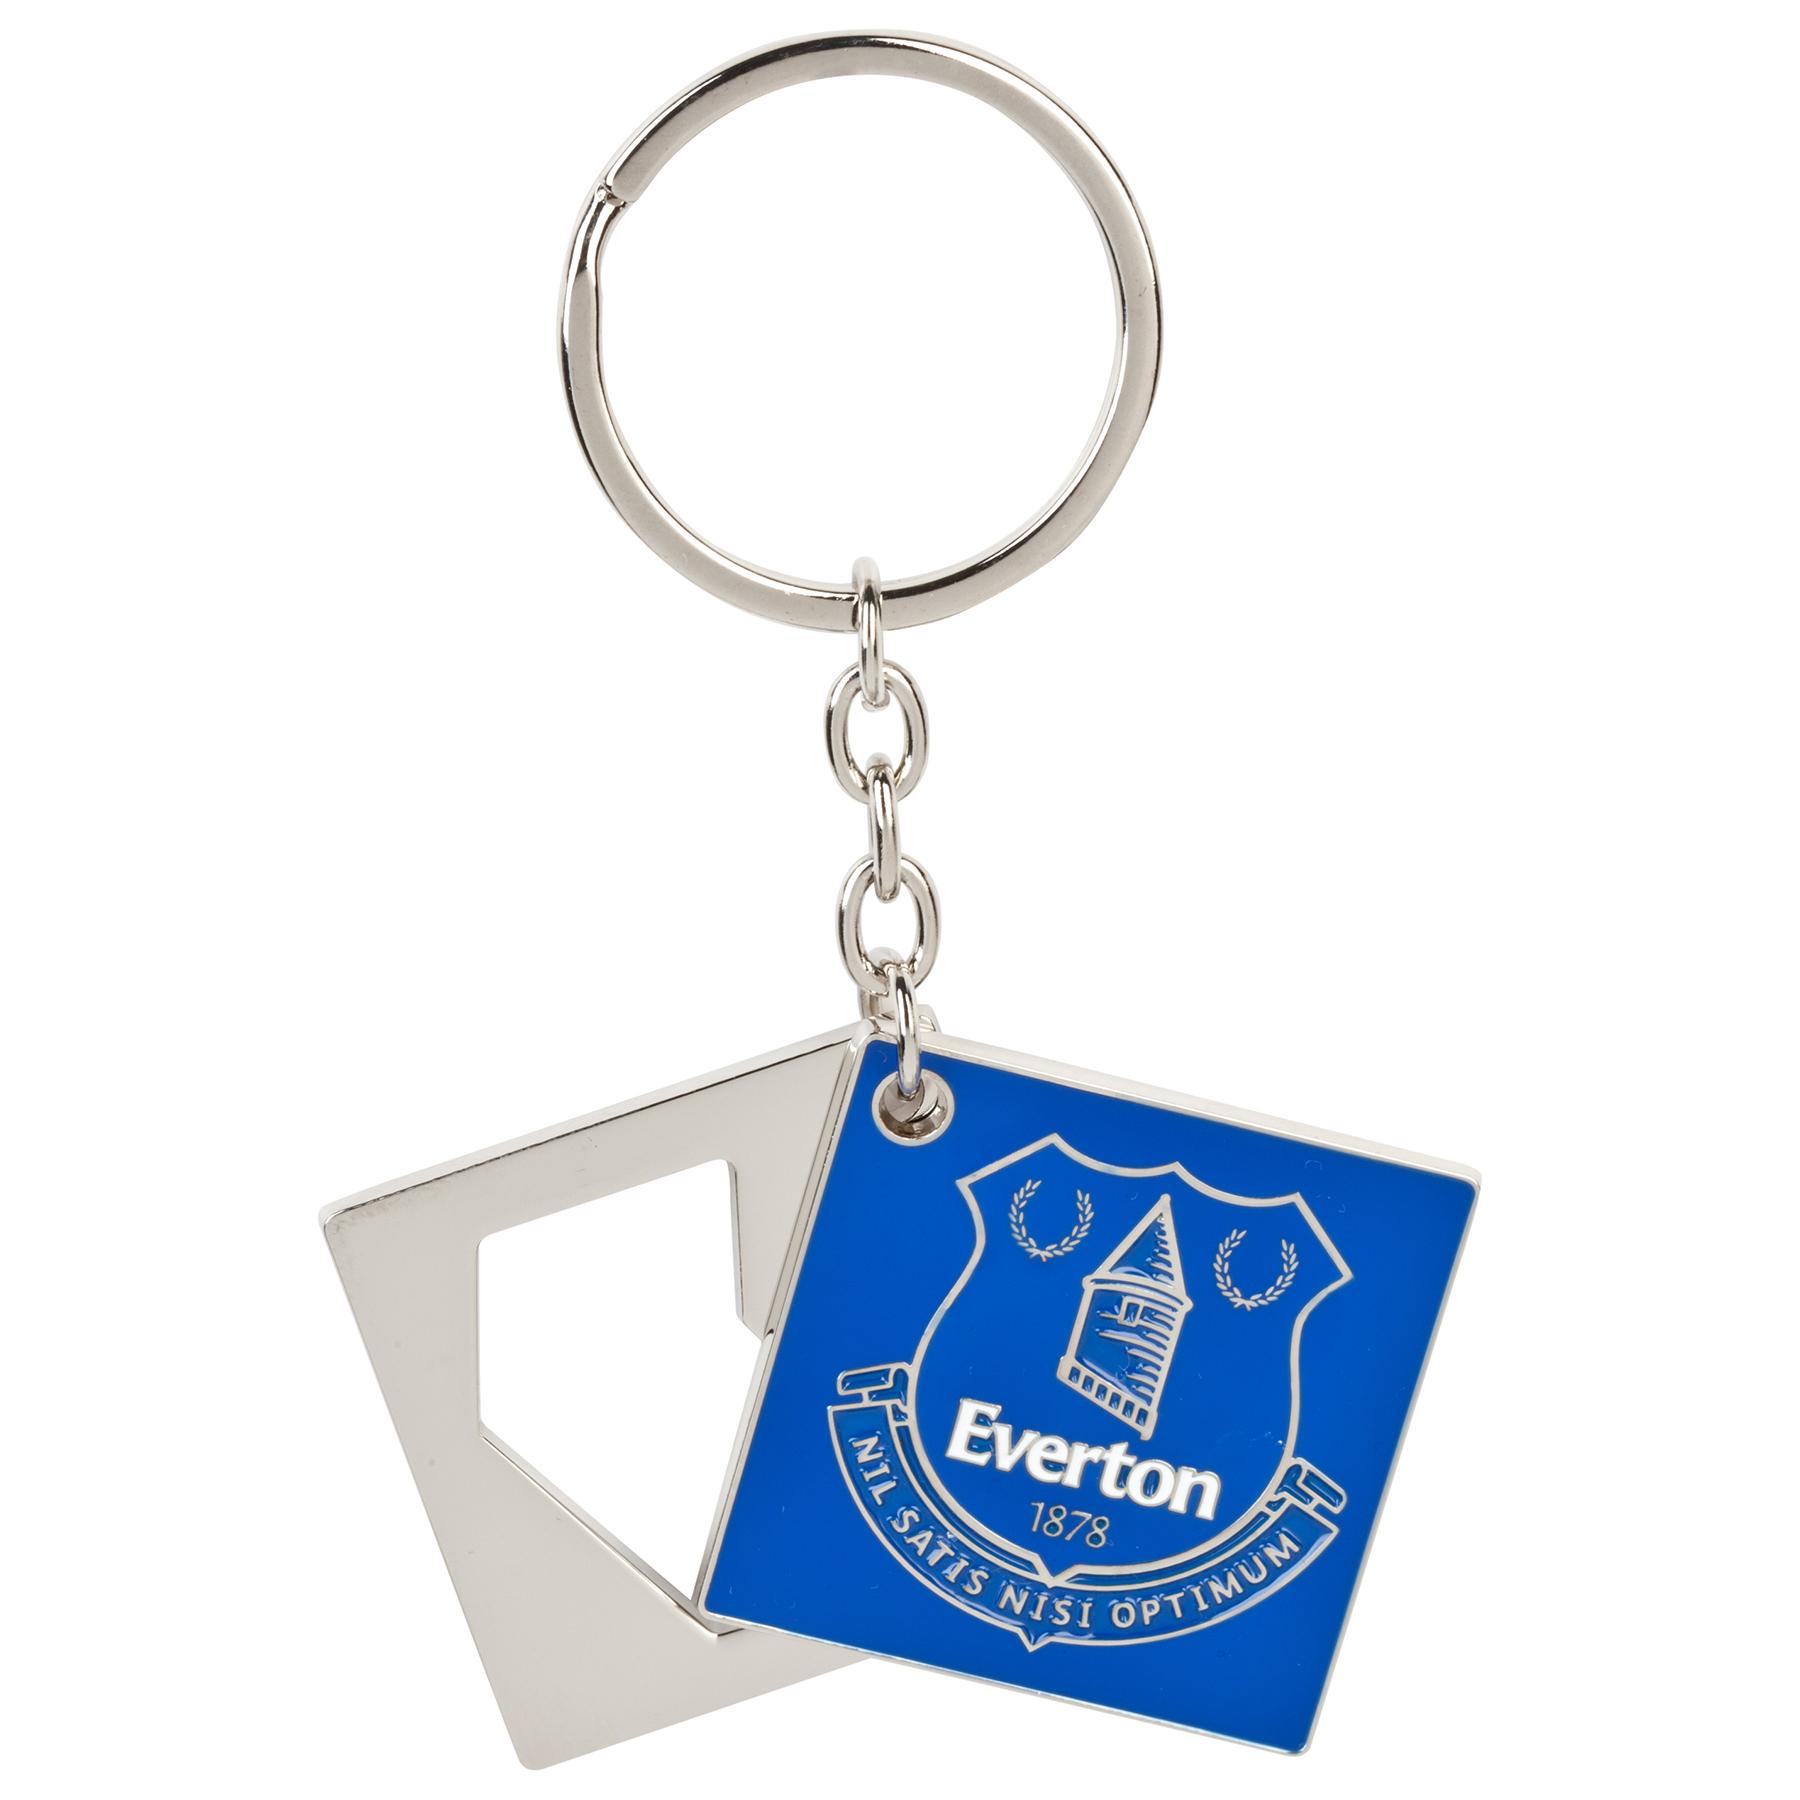 Everton Bottle Opener Keyring